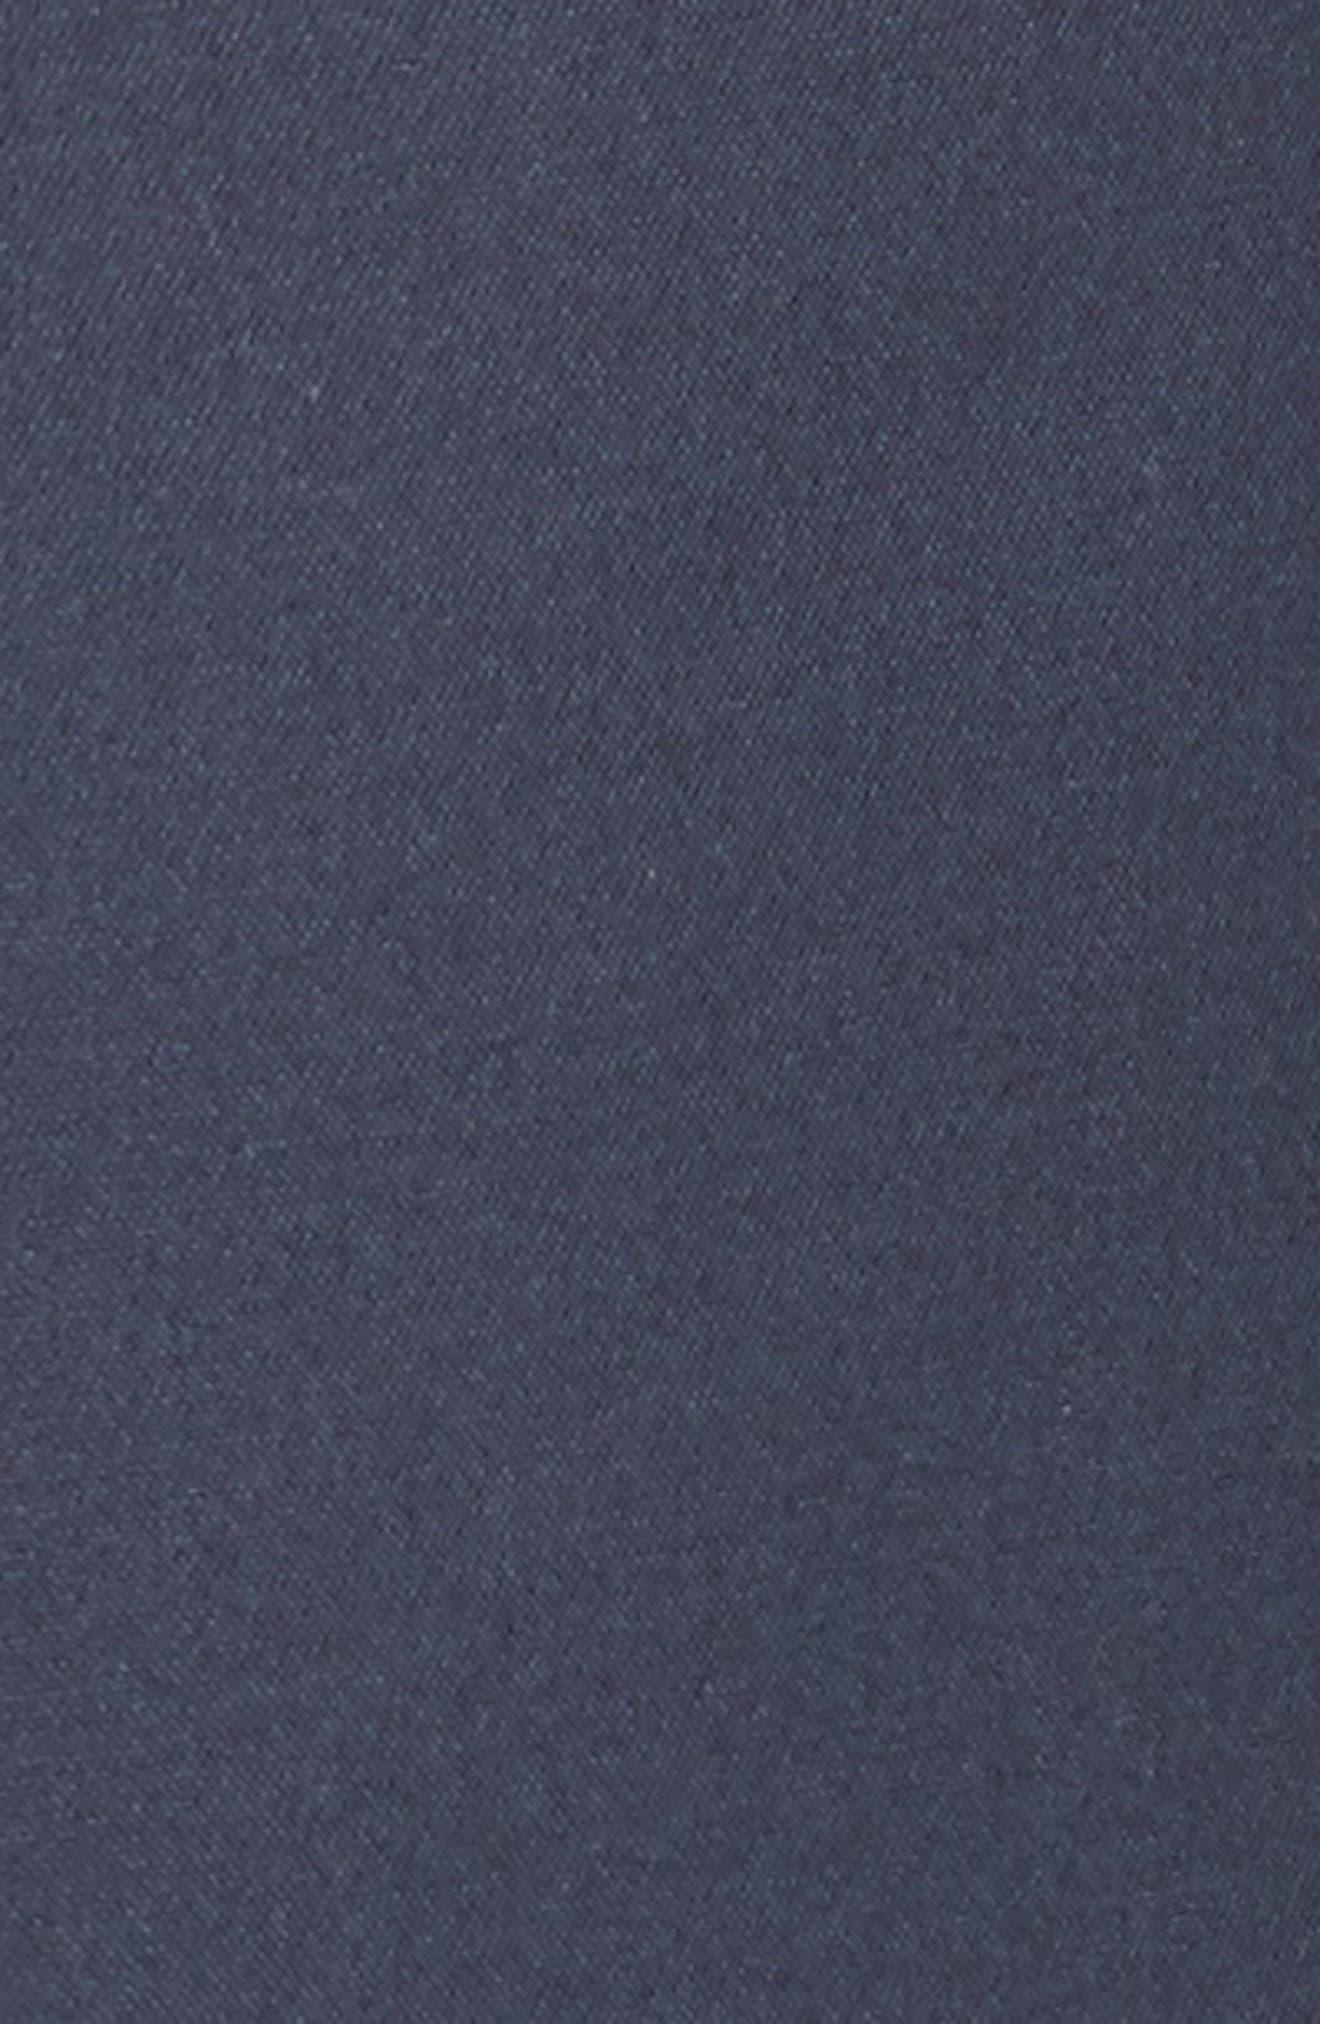 Cotton & Silk Sailor Pants,                             Alternate thumbnail 6, color,                             Navy